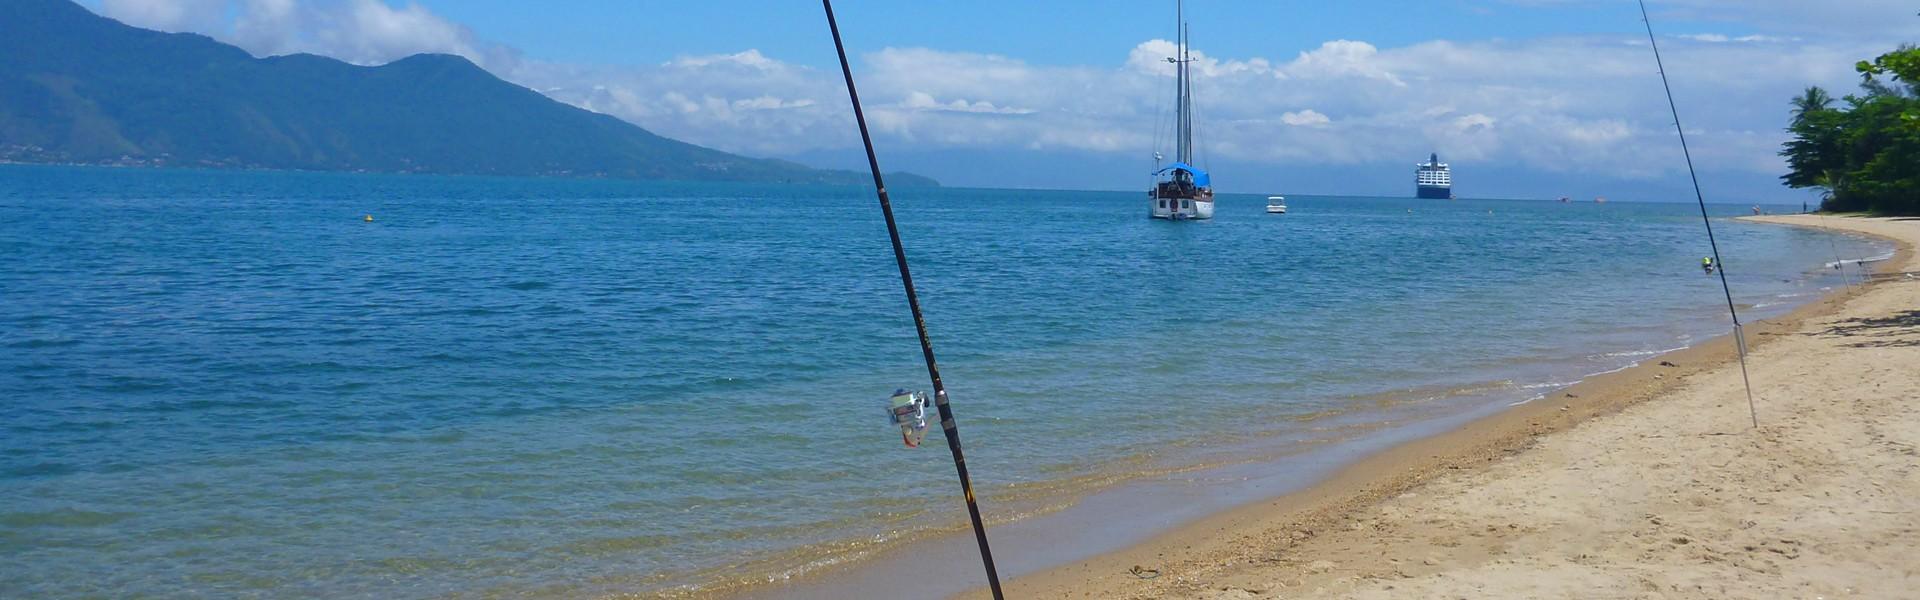 Pesca de praia: 3 peixes que você pode capturar no mar